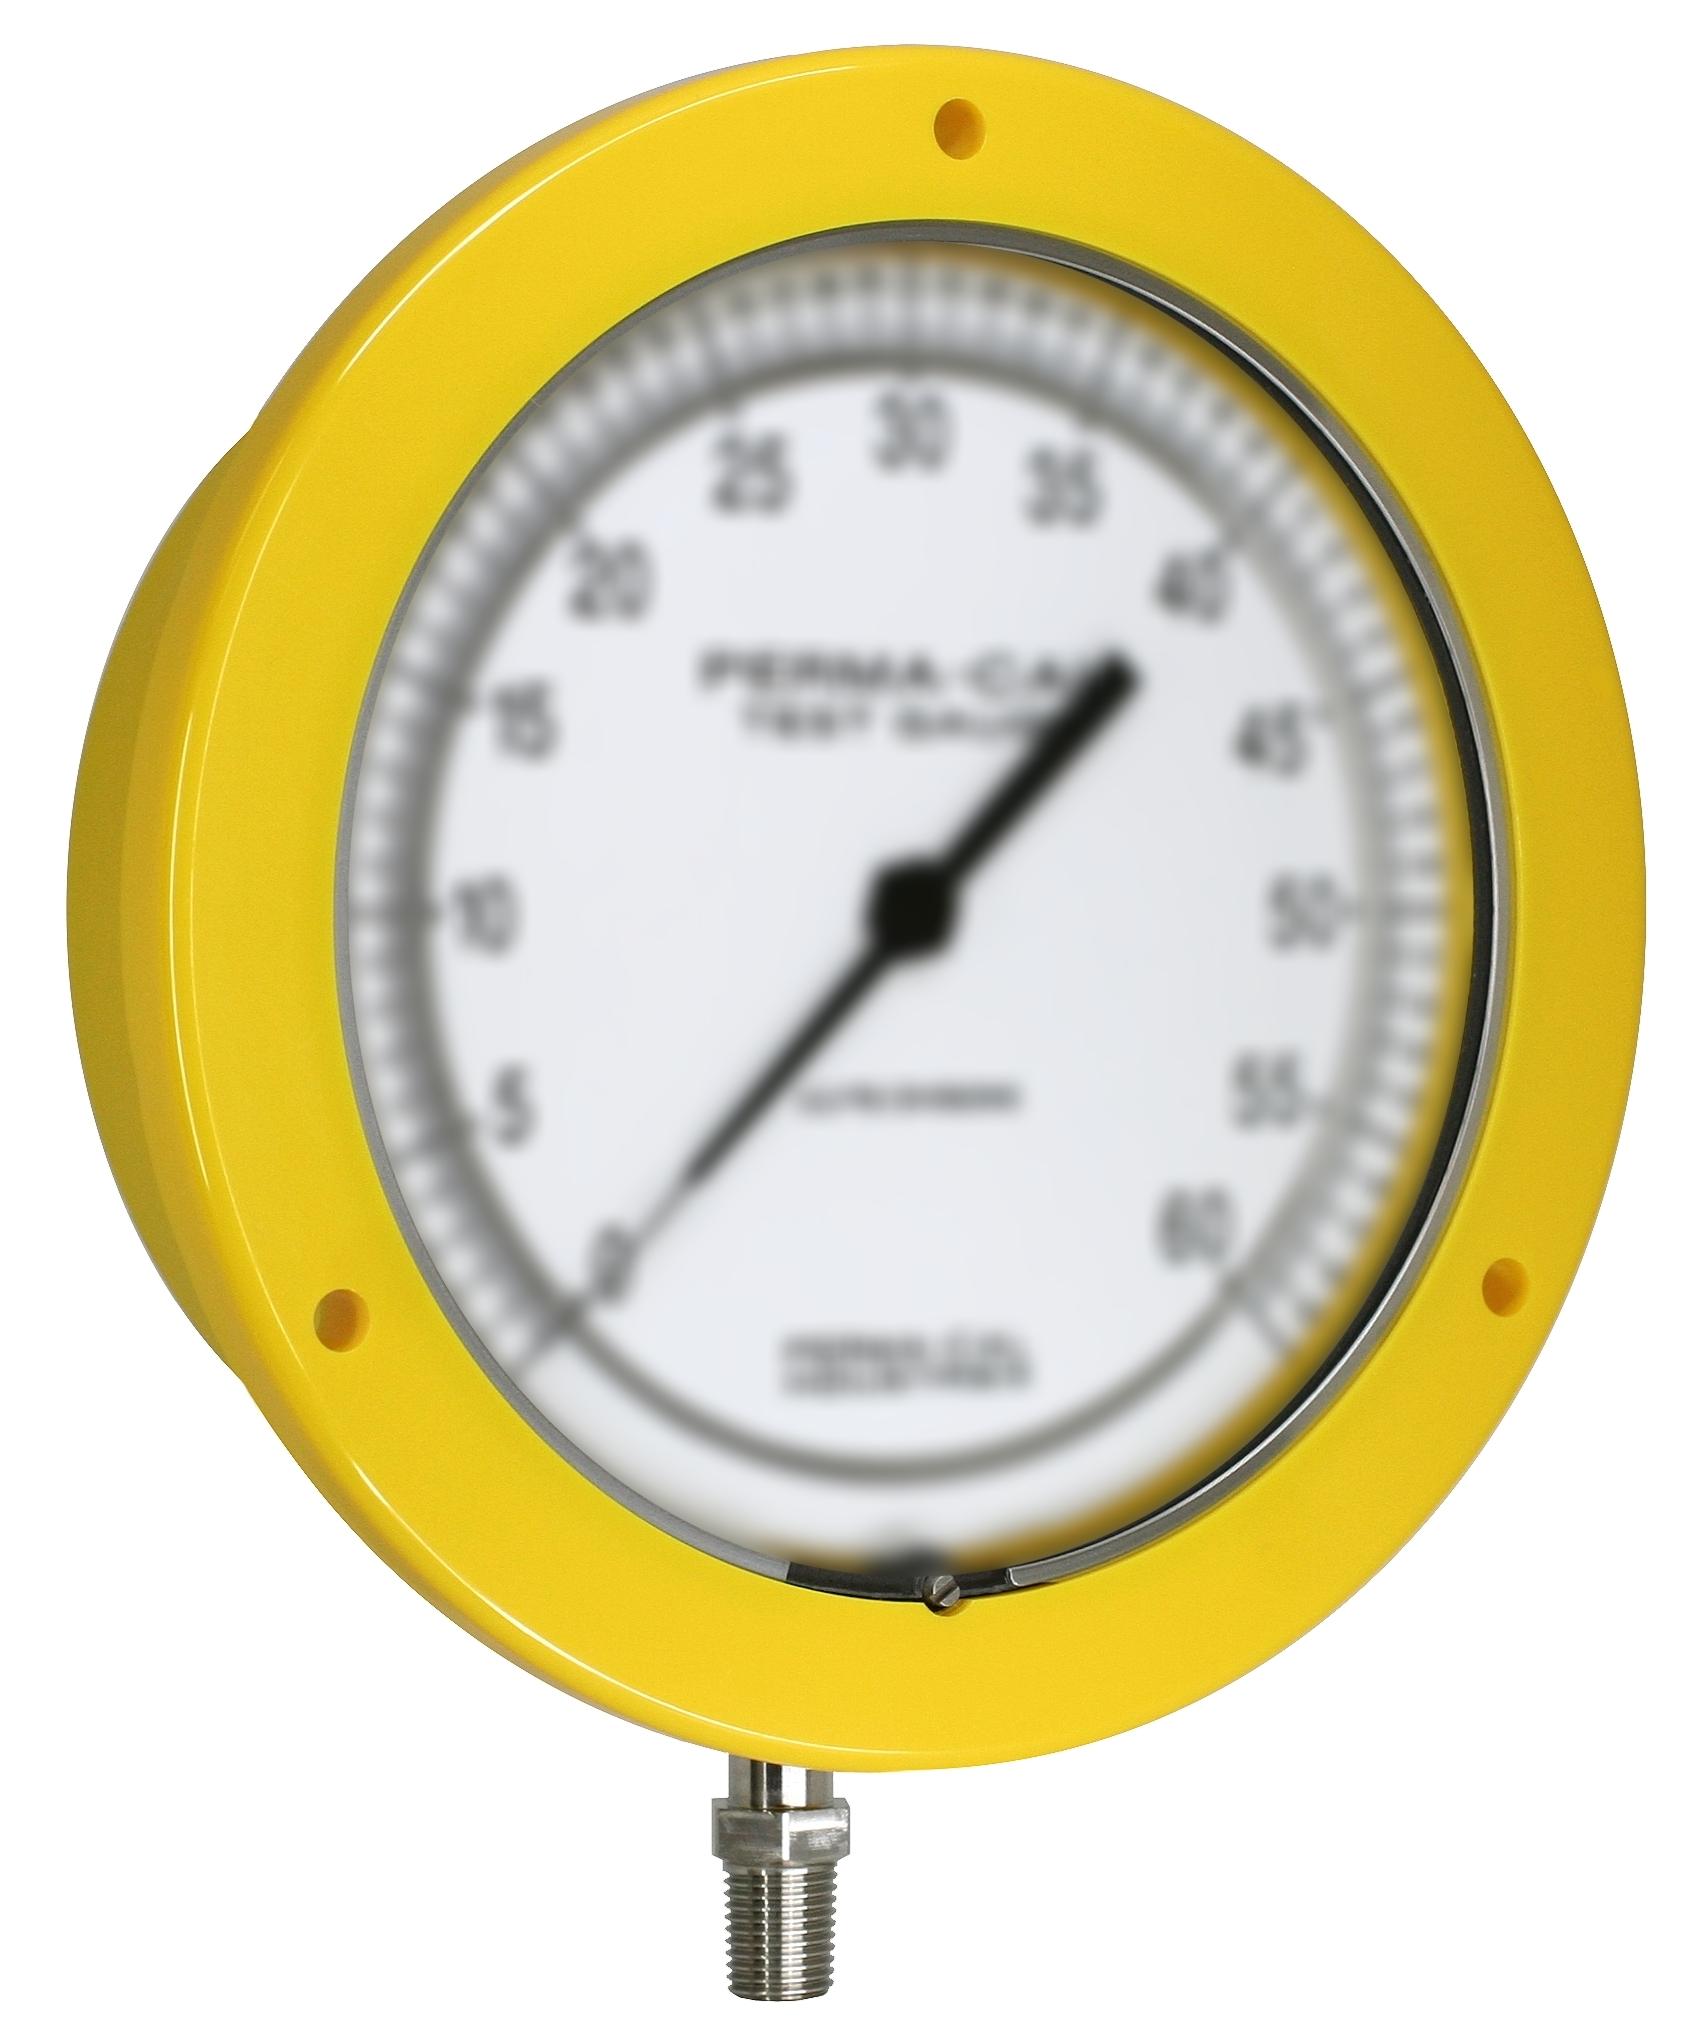 6_ff_yellow_angle_blank.jpg